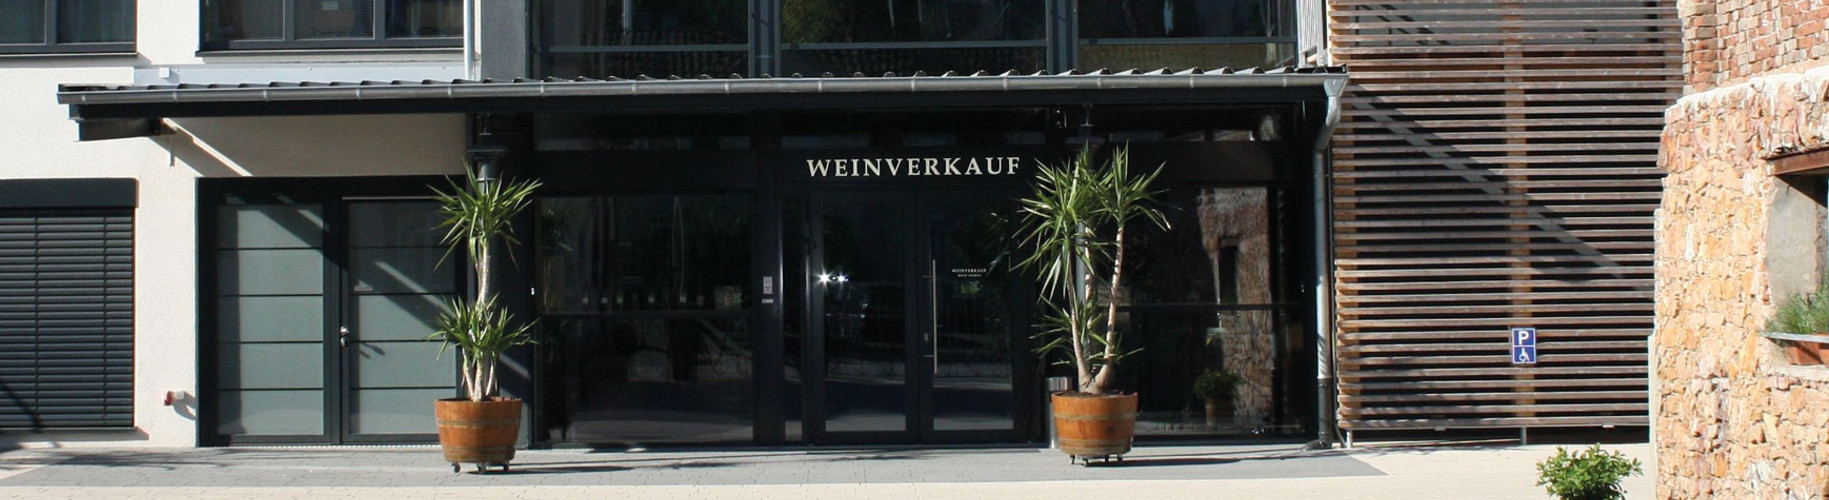 Weingut am Kaiserstuhl